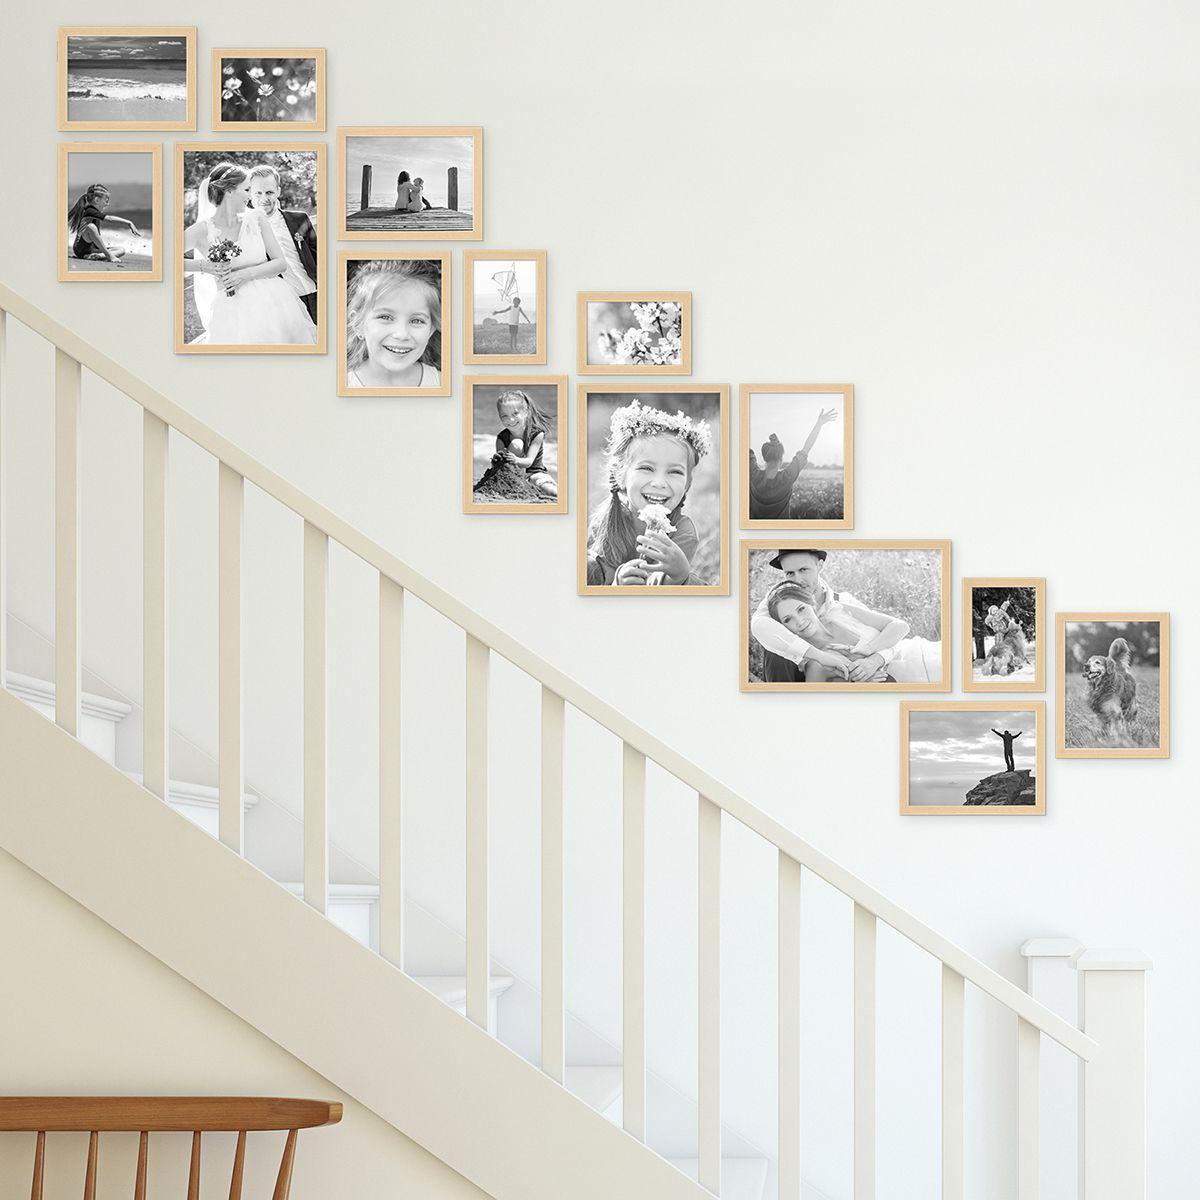 Bilderwand Treppe Modern Natur aus MDF 15er Bilderrahmen-Set für Treppenhaus / Treppenaufgang Bilderrahmen-Sets 14er und mehr